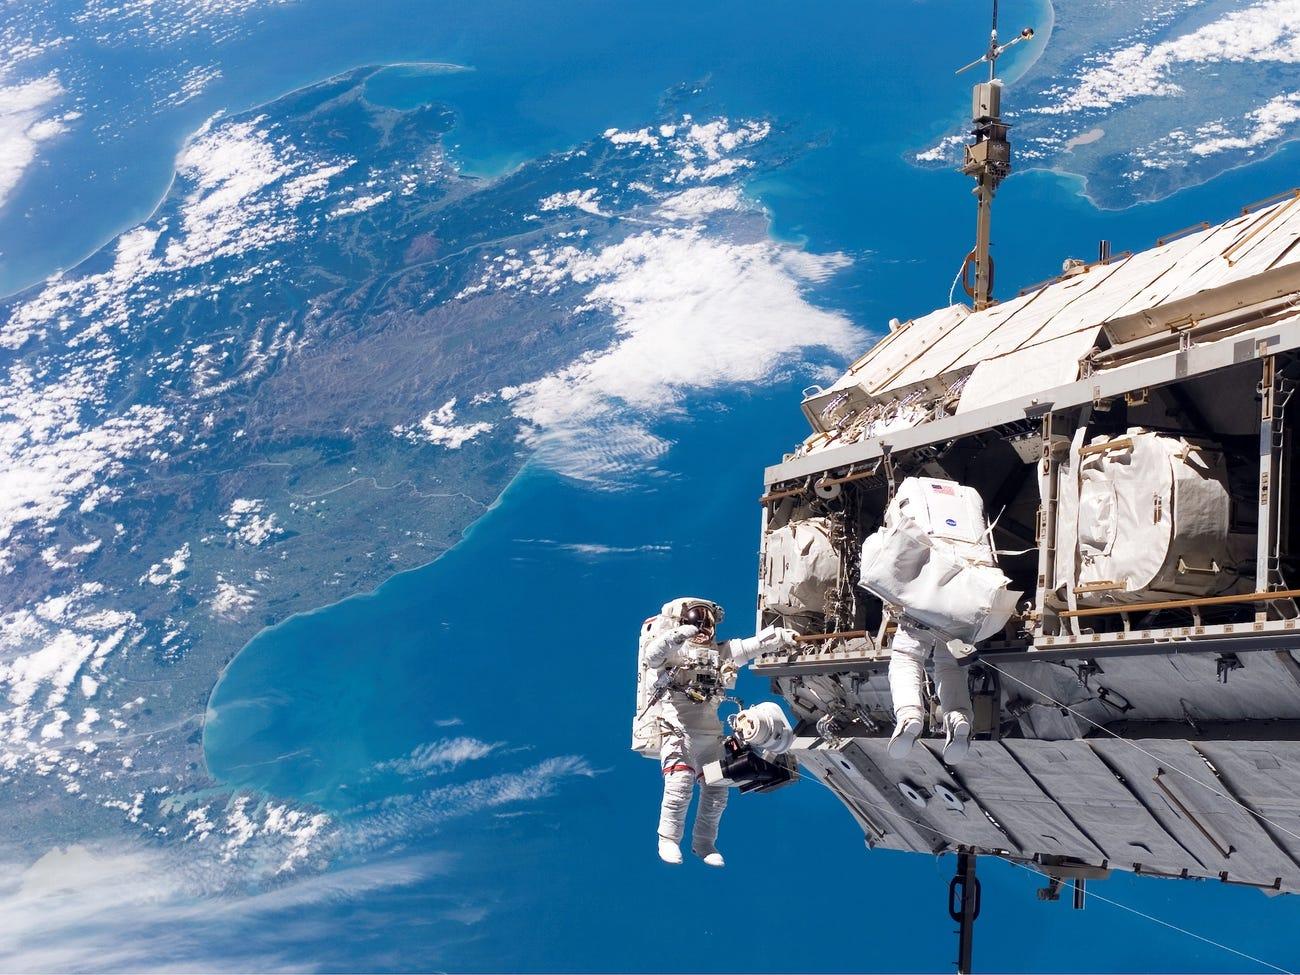 Các nhà du hành vũ trụ Robert L. Curbeam Jr., Christer Fuglesang tham gia một hoạt động ở ngoài tàu vũ trụ, phía dưới là New Zealand và eo biển Cook ở châu Á Thái bình dương. Nguồn: NASA.